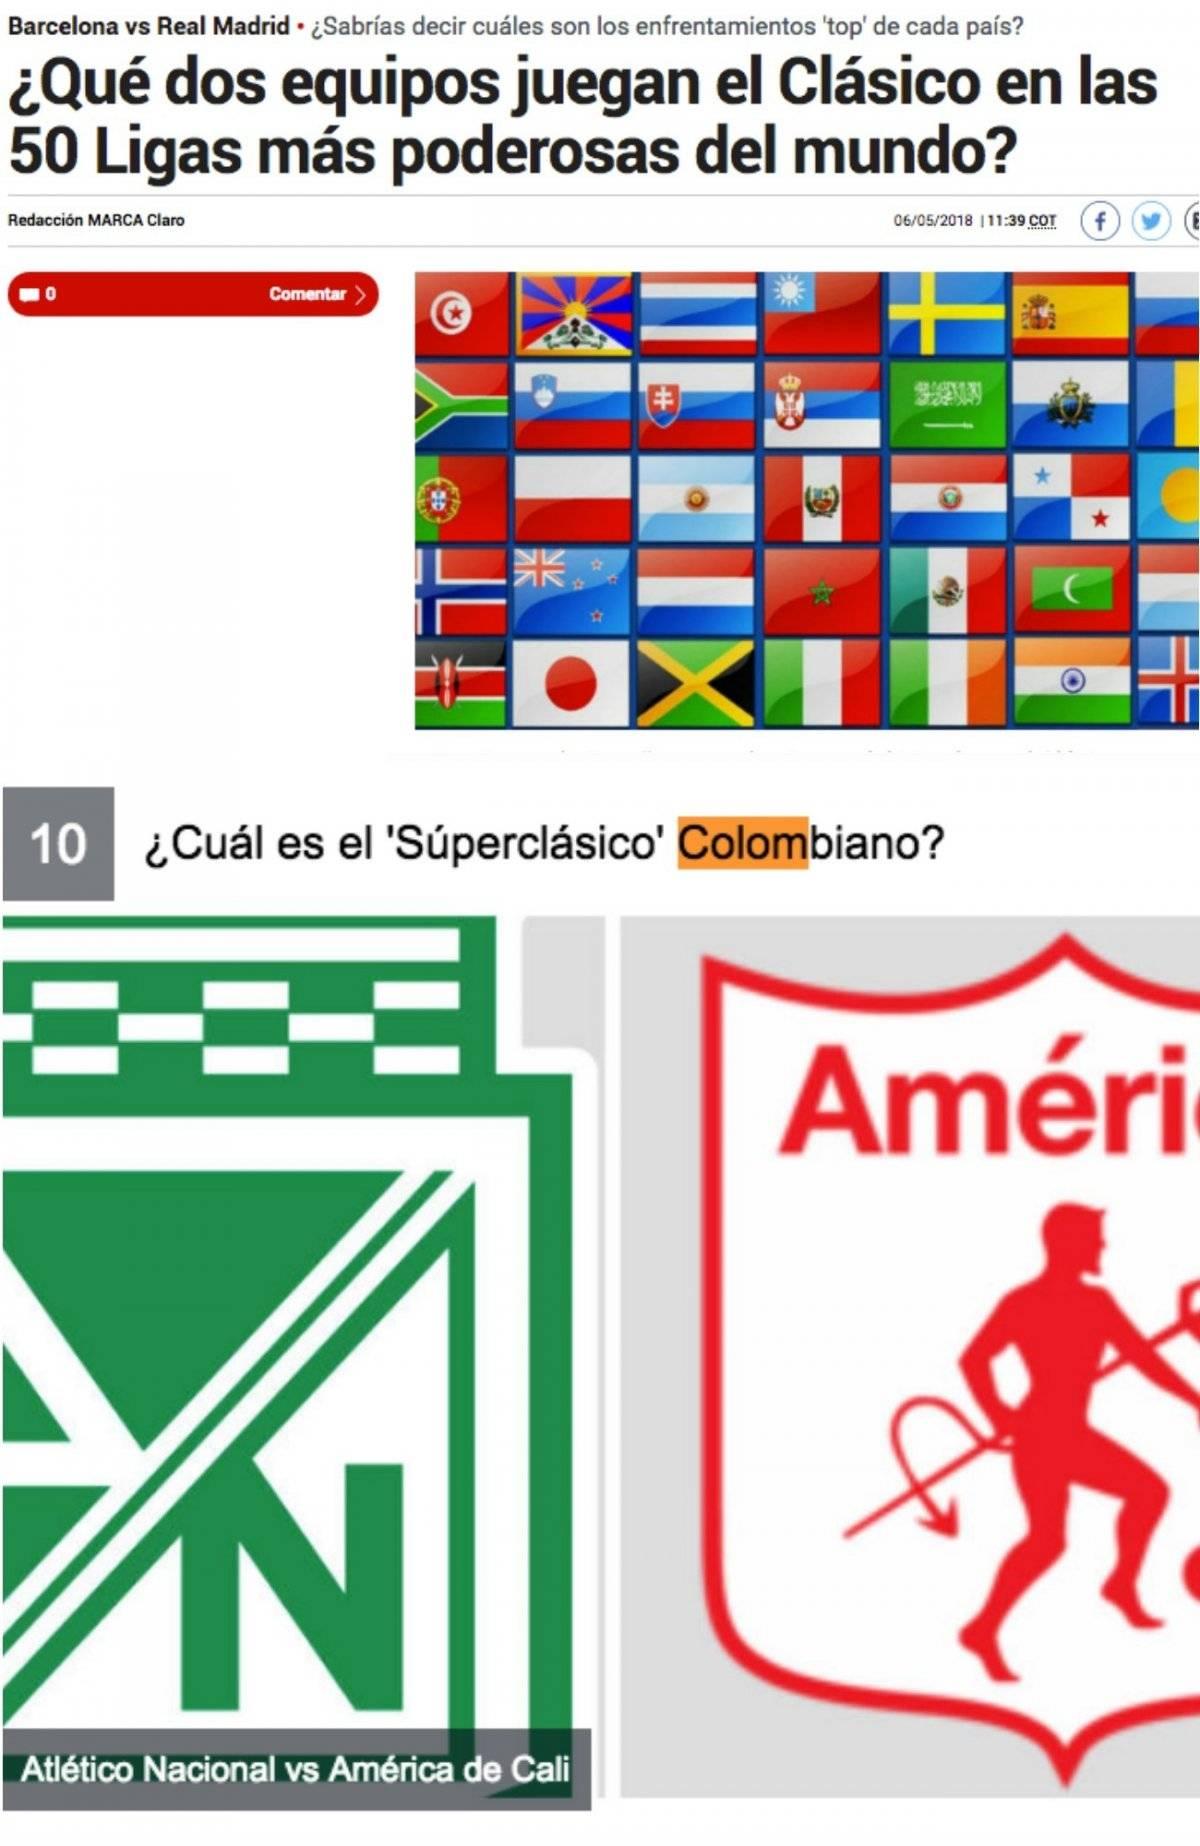 nacionalvsamericaclasicocolombiano-cd84fad46ecd73bd245ef0e26f4e4aec.jpg